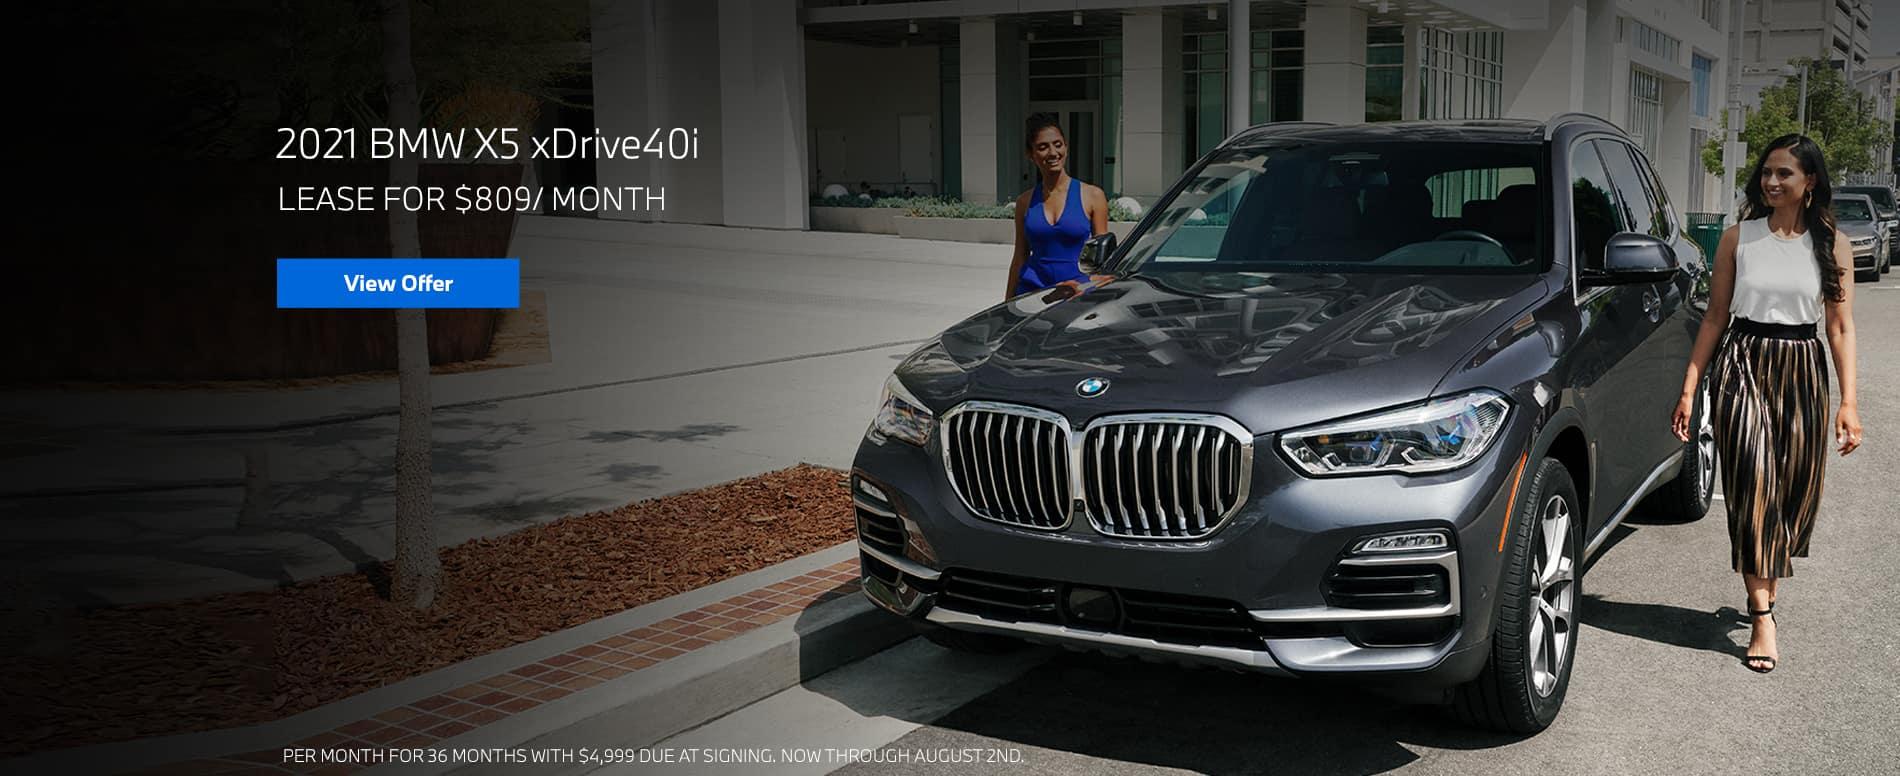 Lease a 2021 BMW X5 xDrive40i, $809